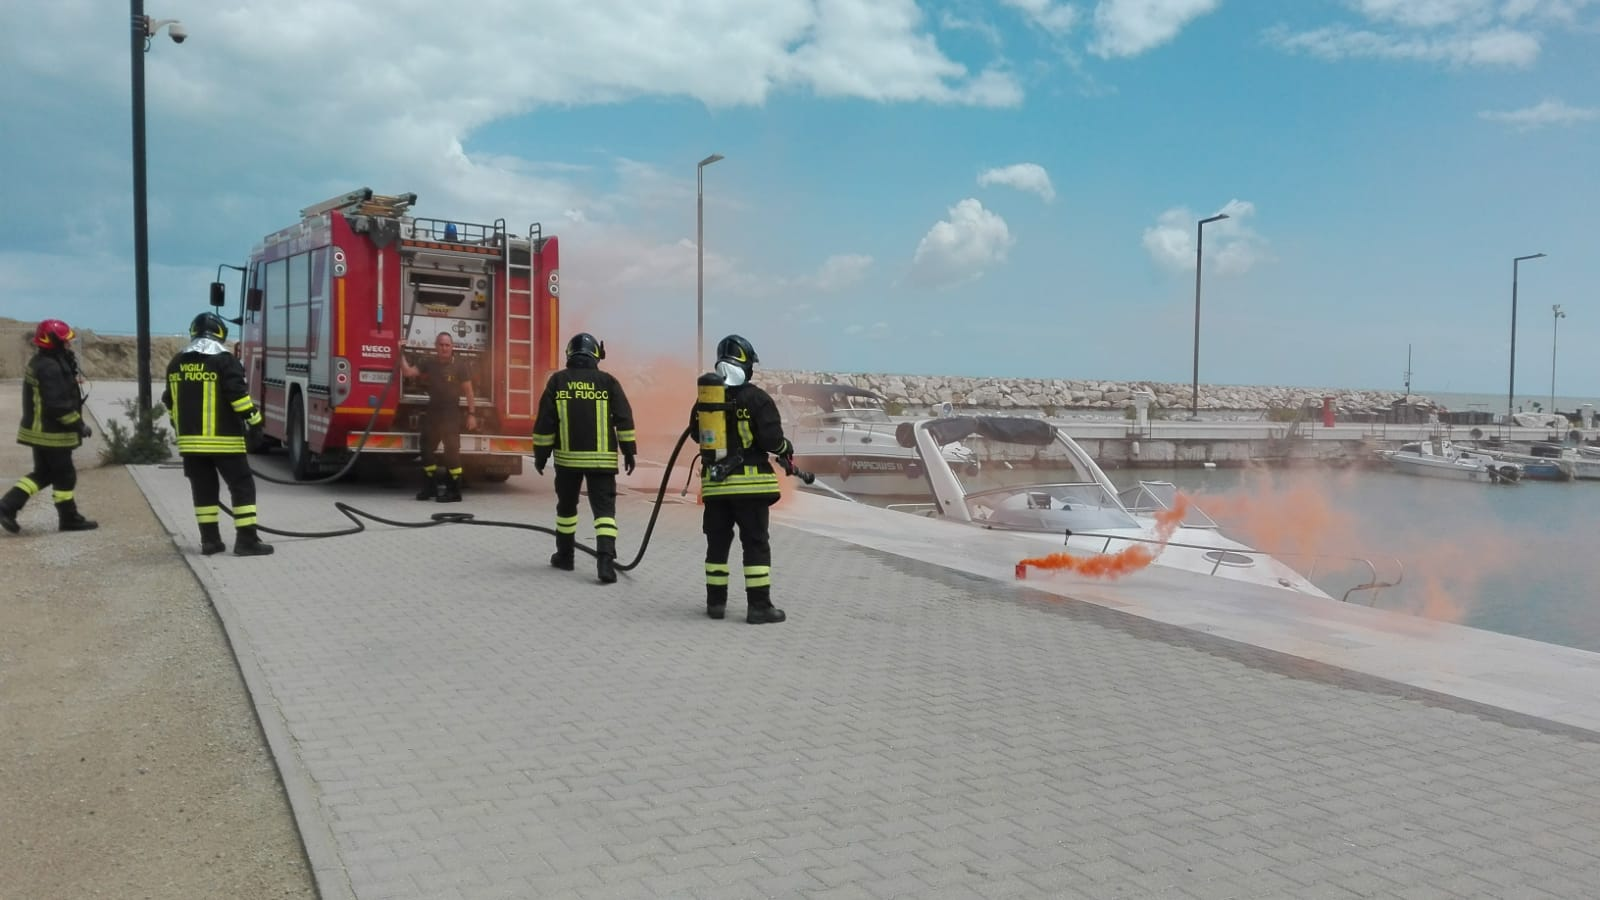 Ufficio In Fiamme : Imbarcazione ormeggiata in fiamme in azione vigili del fuoco e